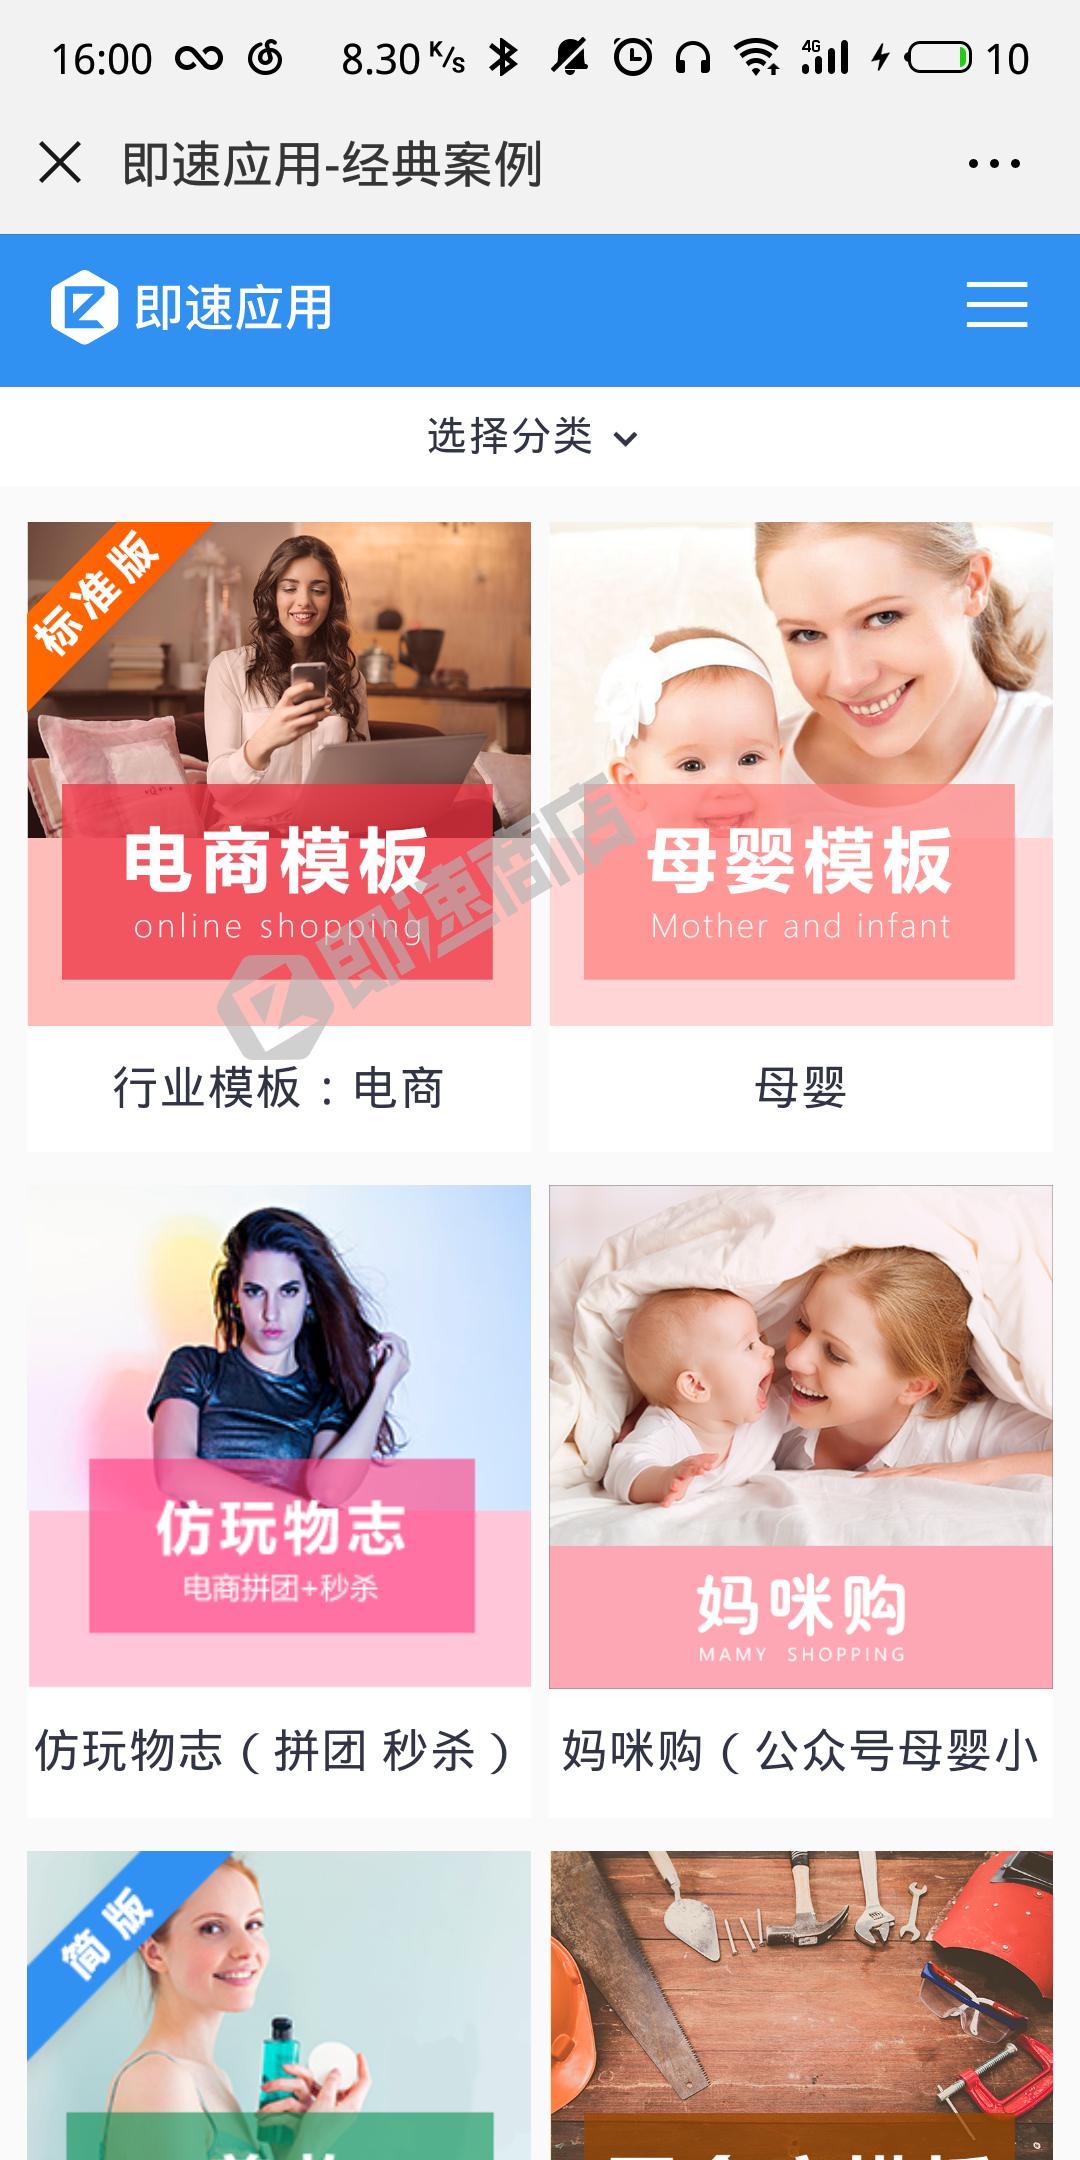 惠成才机器人小程序列表页截图